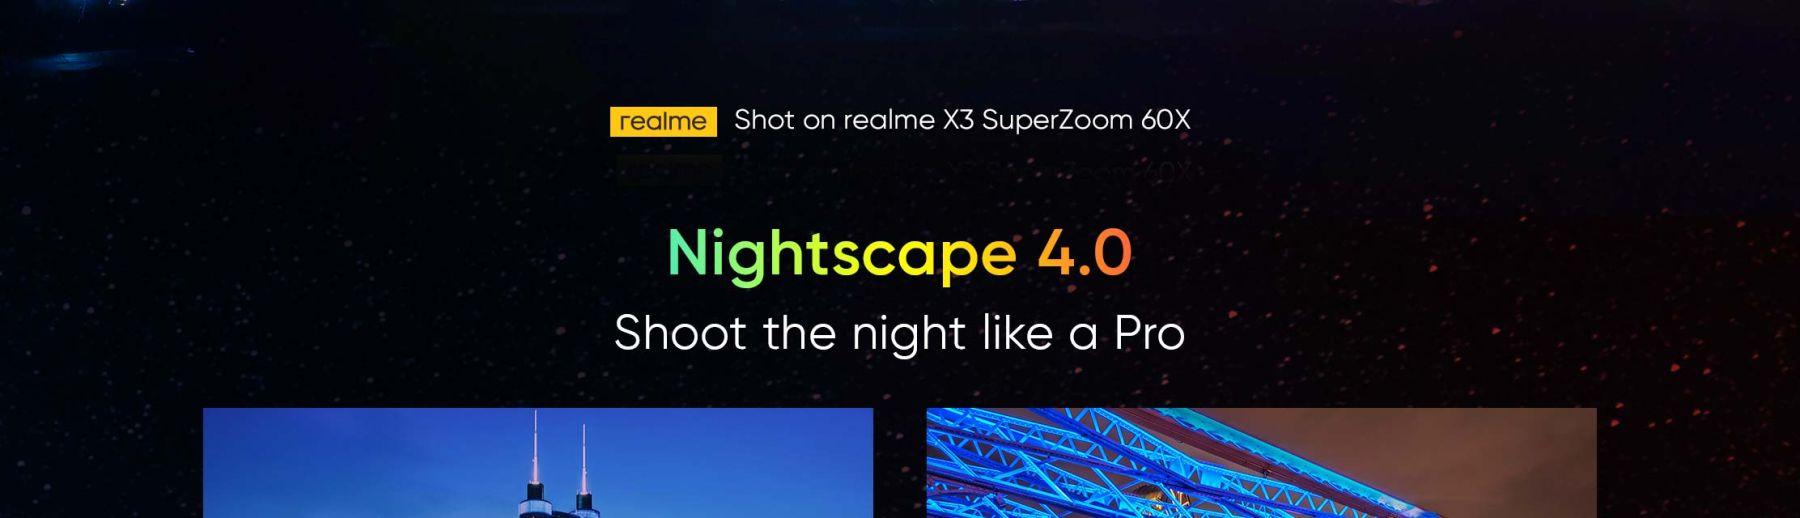 realme-x3-int-5